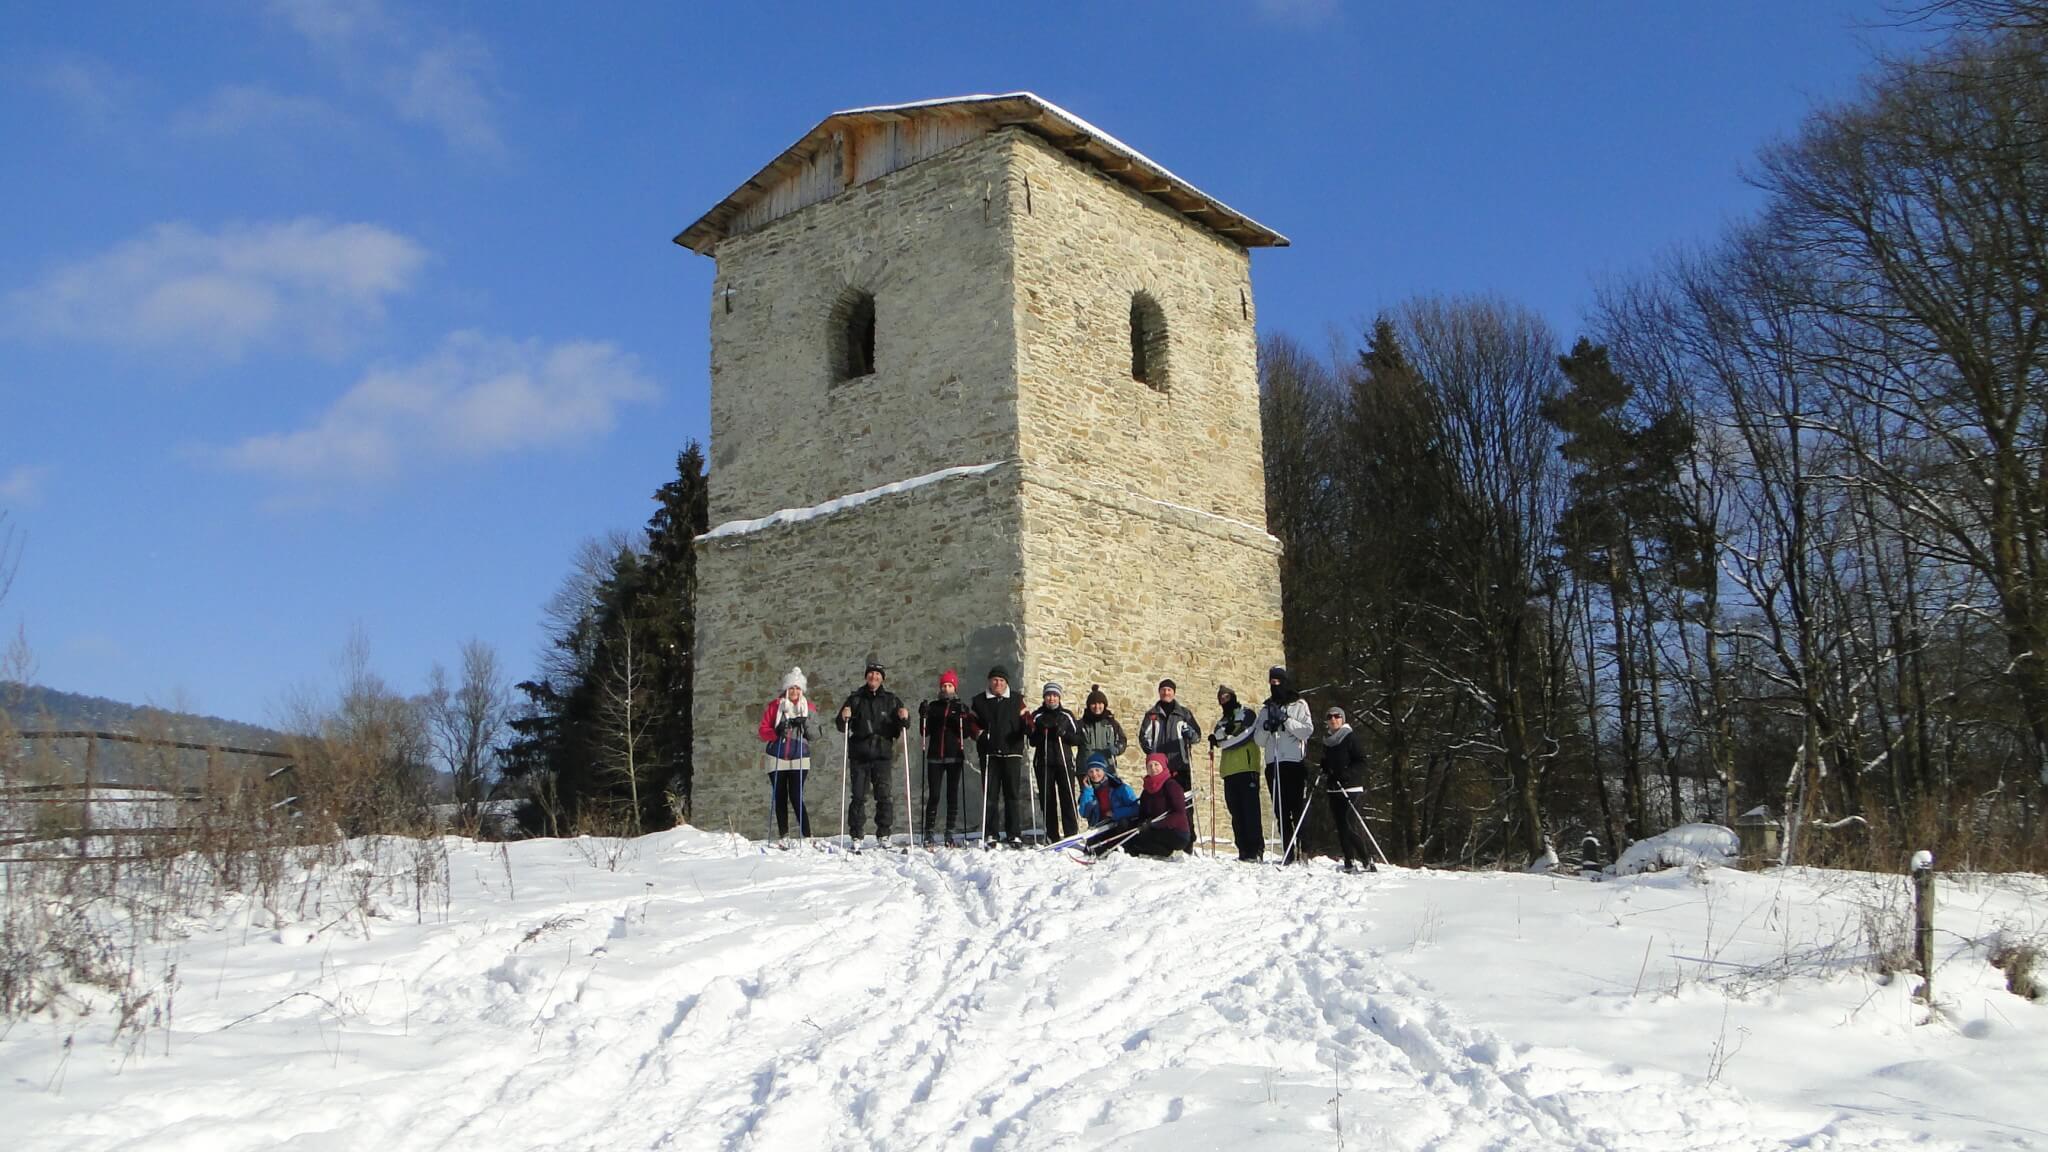 Na nartach do Polan Surowicznych! 2